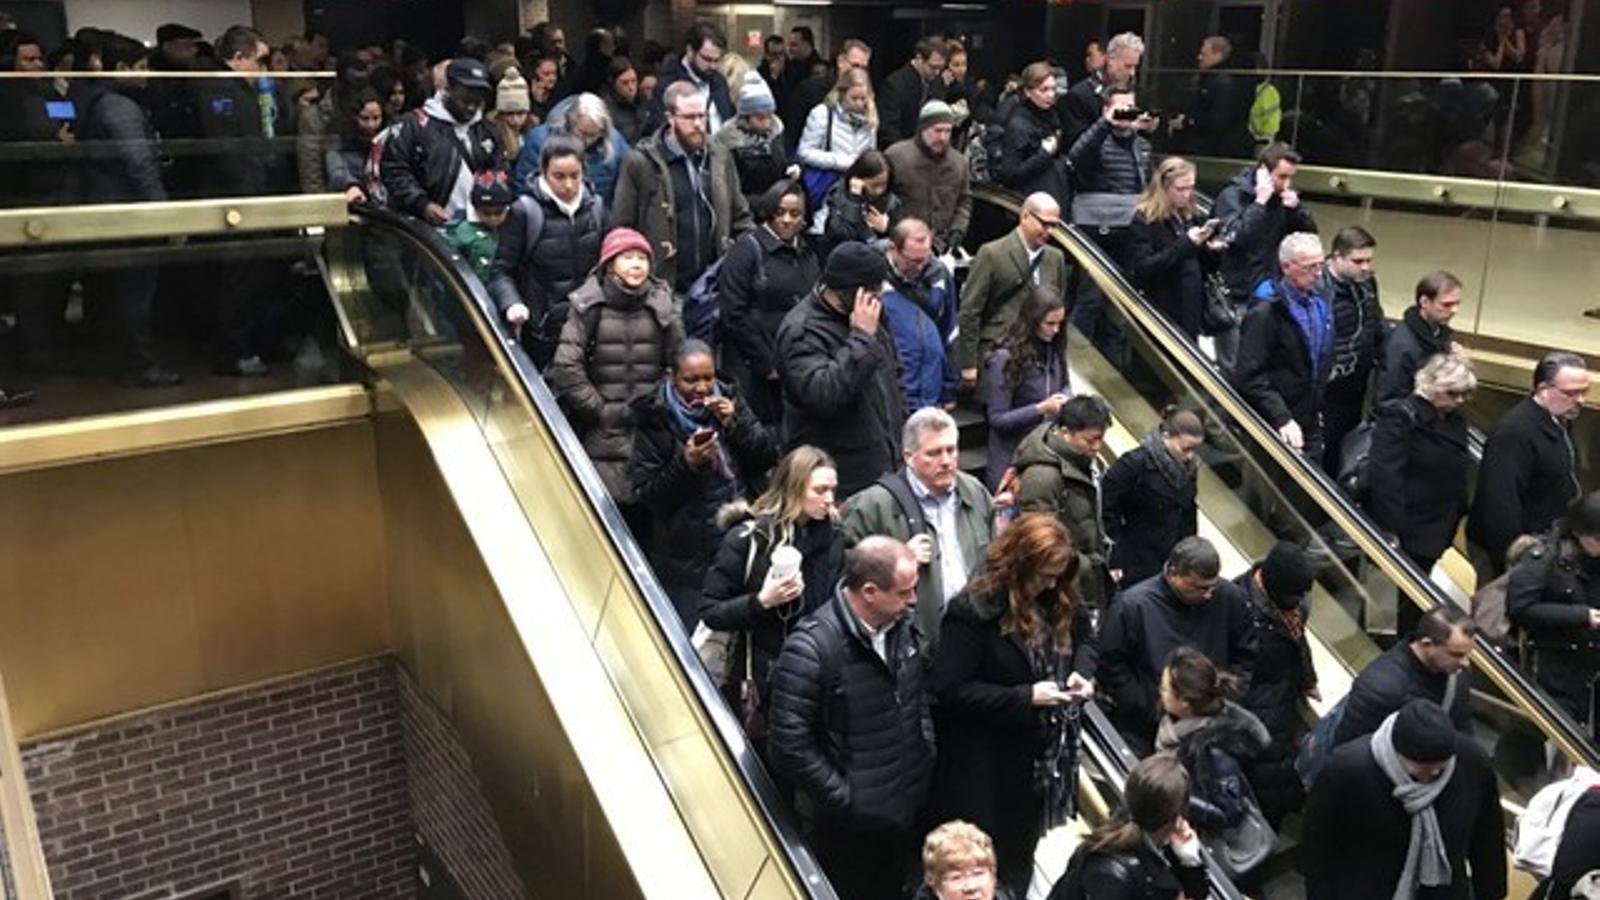 Passatgers de l'estació afectada surten ordenadament després que la policia n'hagi ordenat l'evacuació.